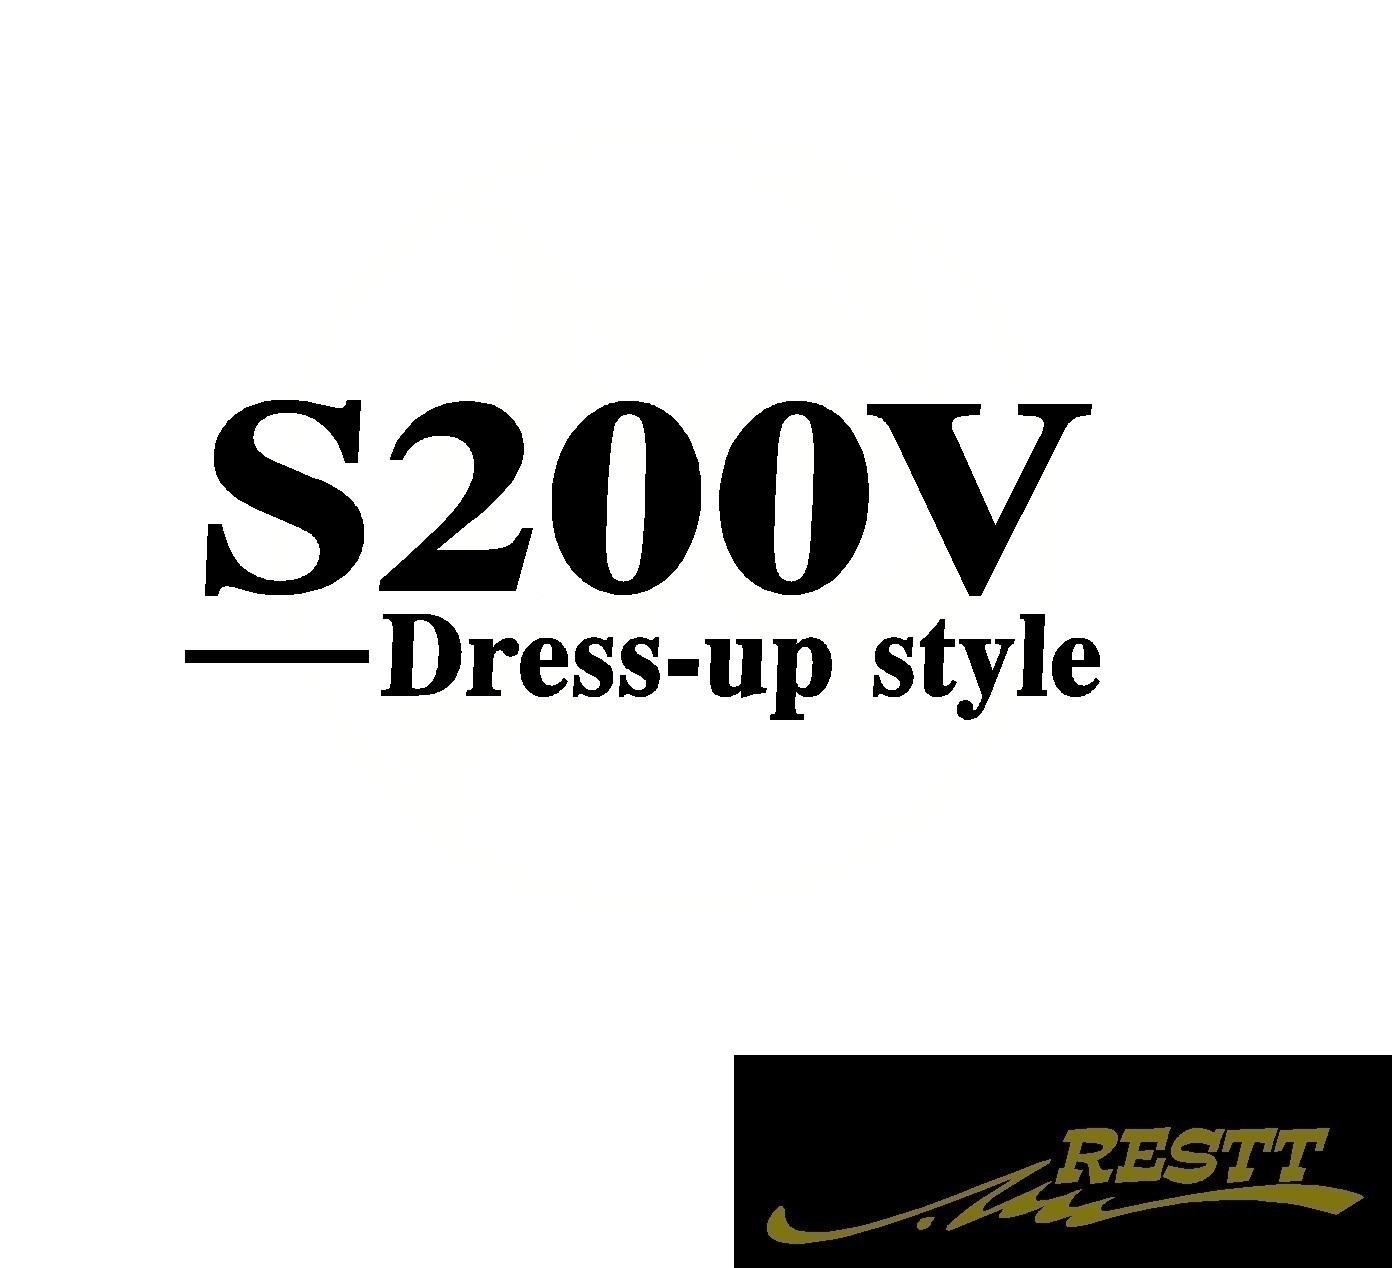 豊富なカラー20色から作成ドレスアップステッカー ハイゼットカーゴ 2020 新作 S200V ドレスアップスタイル ロゴ カッティングステッカー 中サイズ 型式 おしゃれ ステッカー ダイハツ おすすめ かっこいい デザイン DAIHATSU